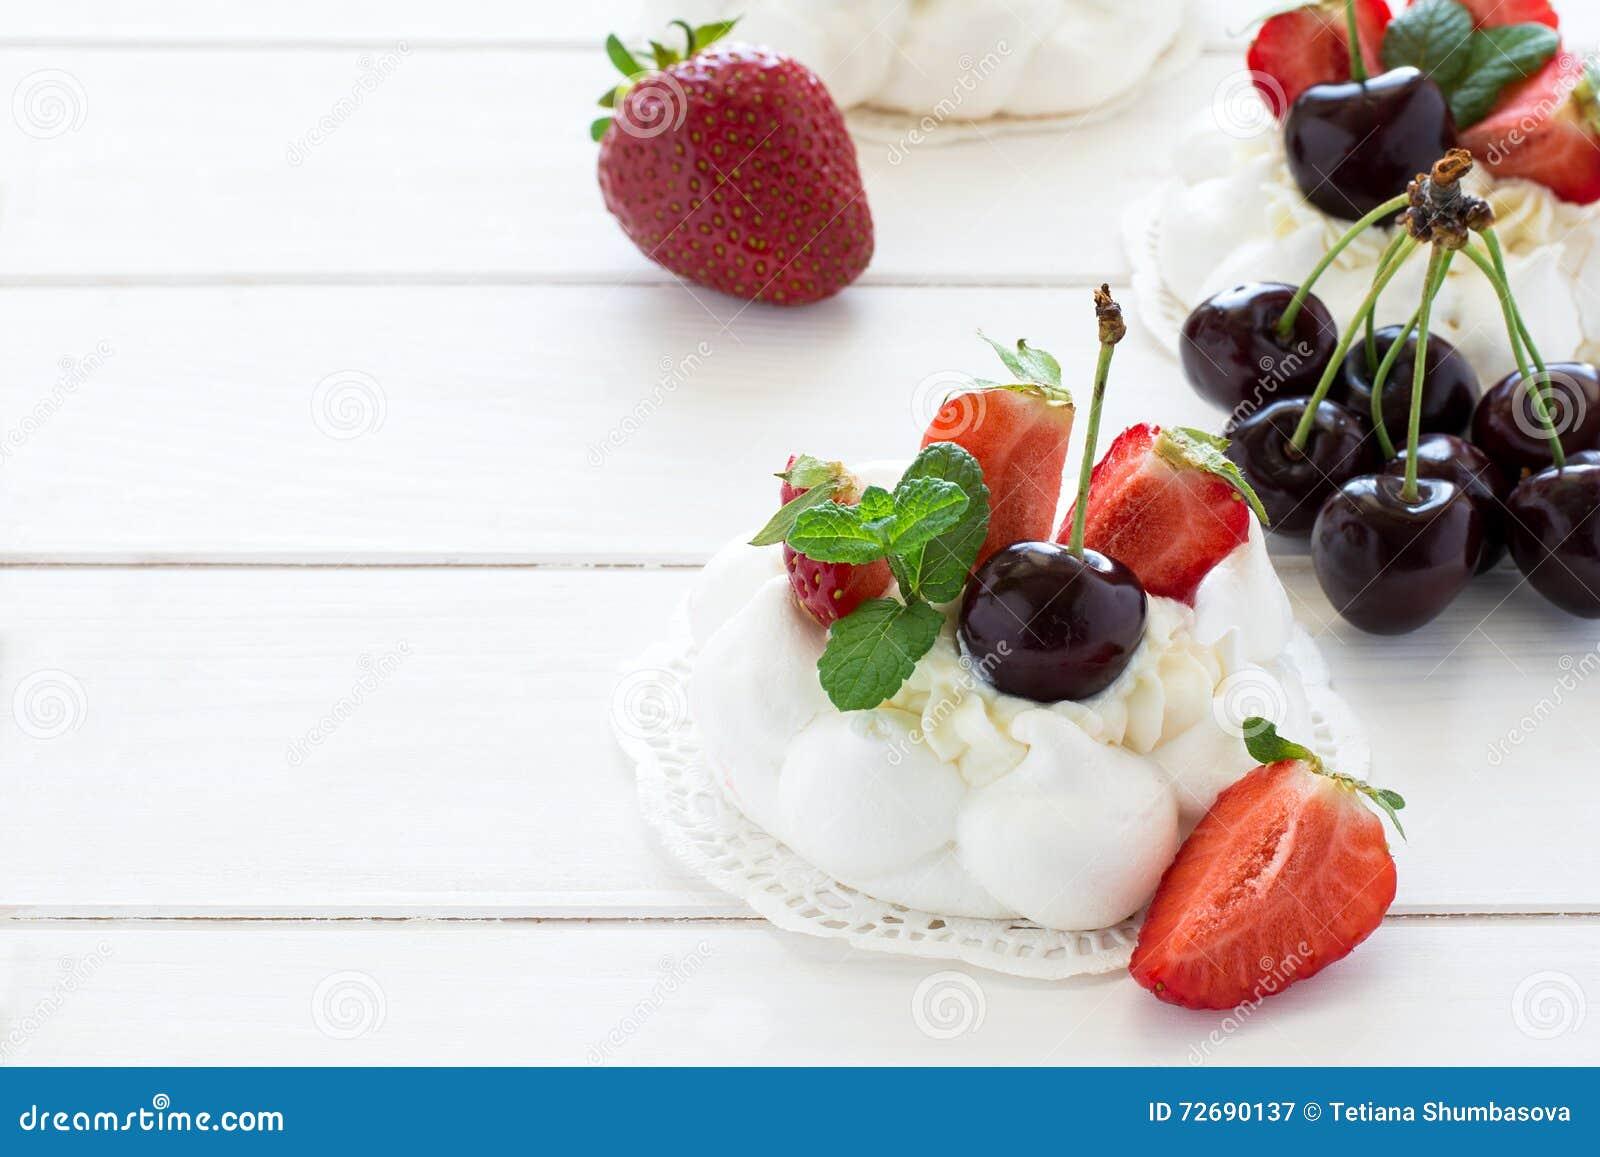 La piccola meringa casalinga di pavlova agglutina con la crema di mascarpone, le fragole, le ciliege e le foglie di menta fresca